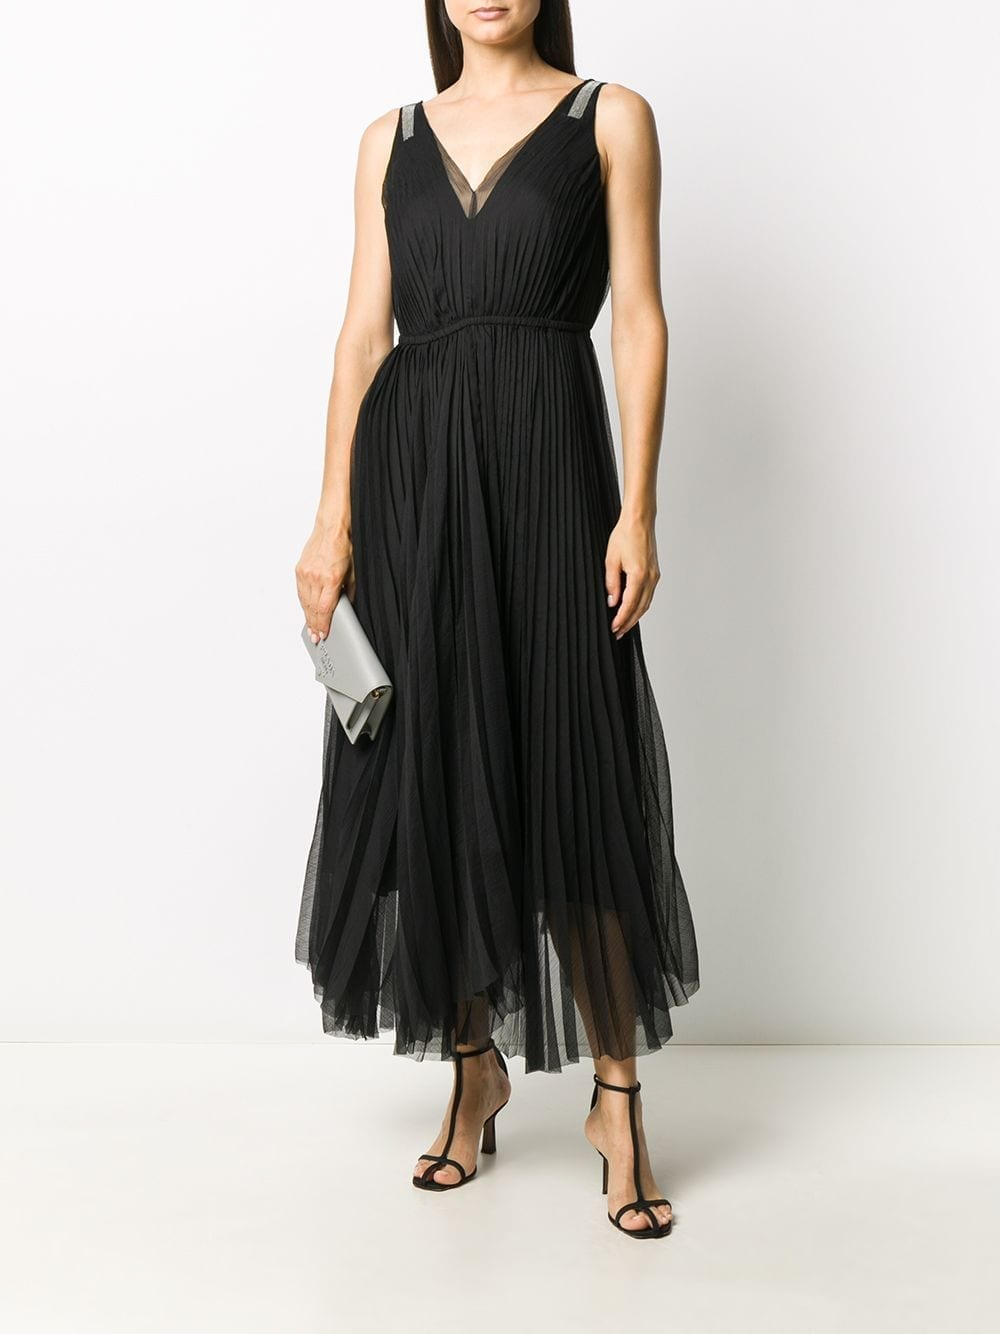 FABIANA FILIPPI Tulle-overlay Embellished Dress